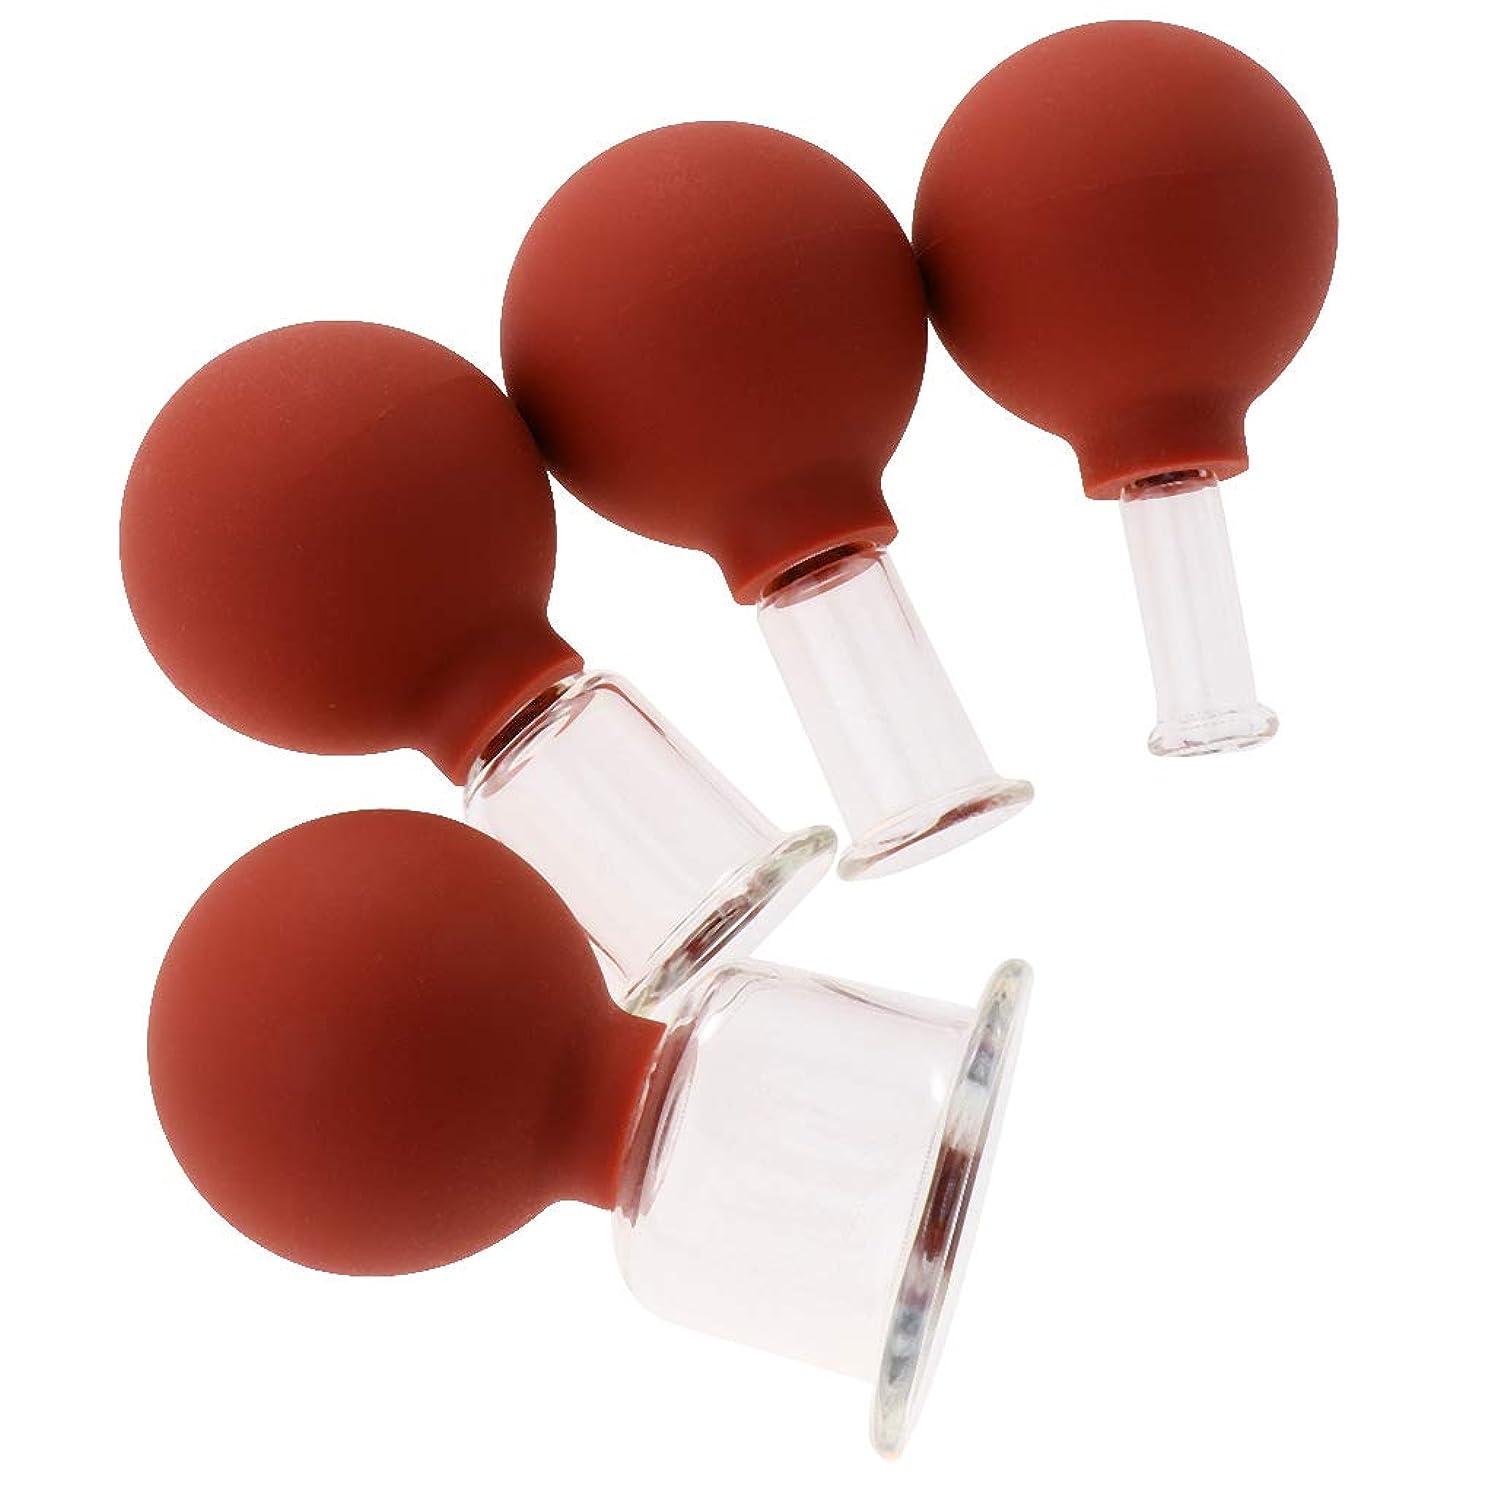 カウボーイなぜ換気するD DOLITY マッサージカップ 吸い玉 カッピングセット ガラスカッピング 真空 男女兼用 ギフト 4個 全3色 - 赤茶色